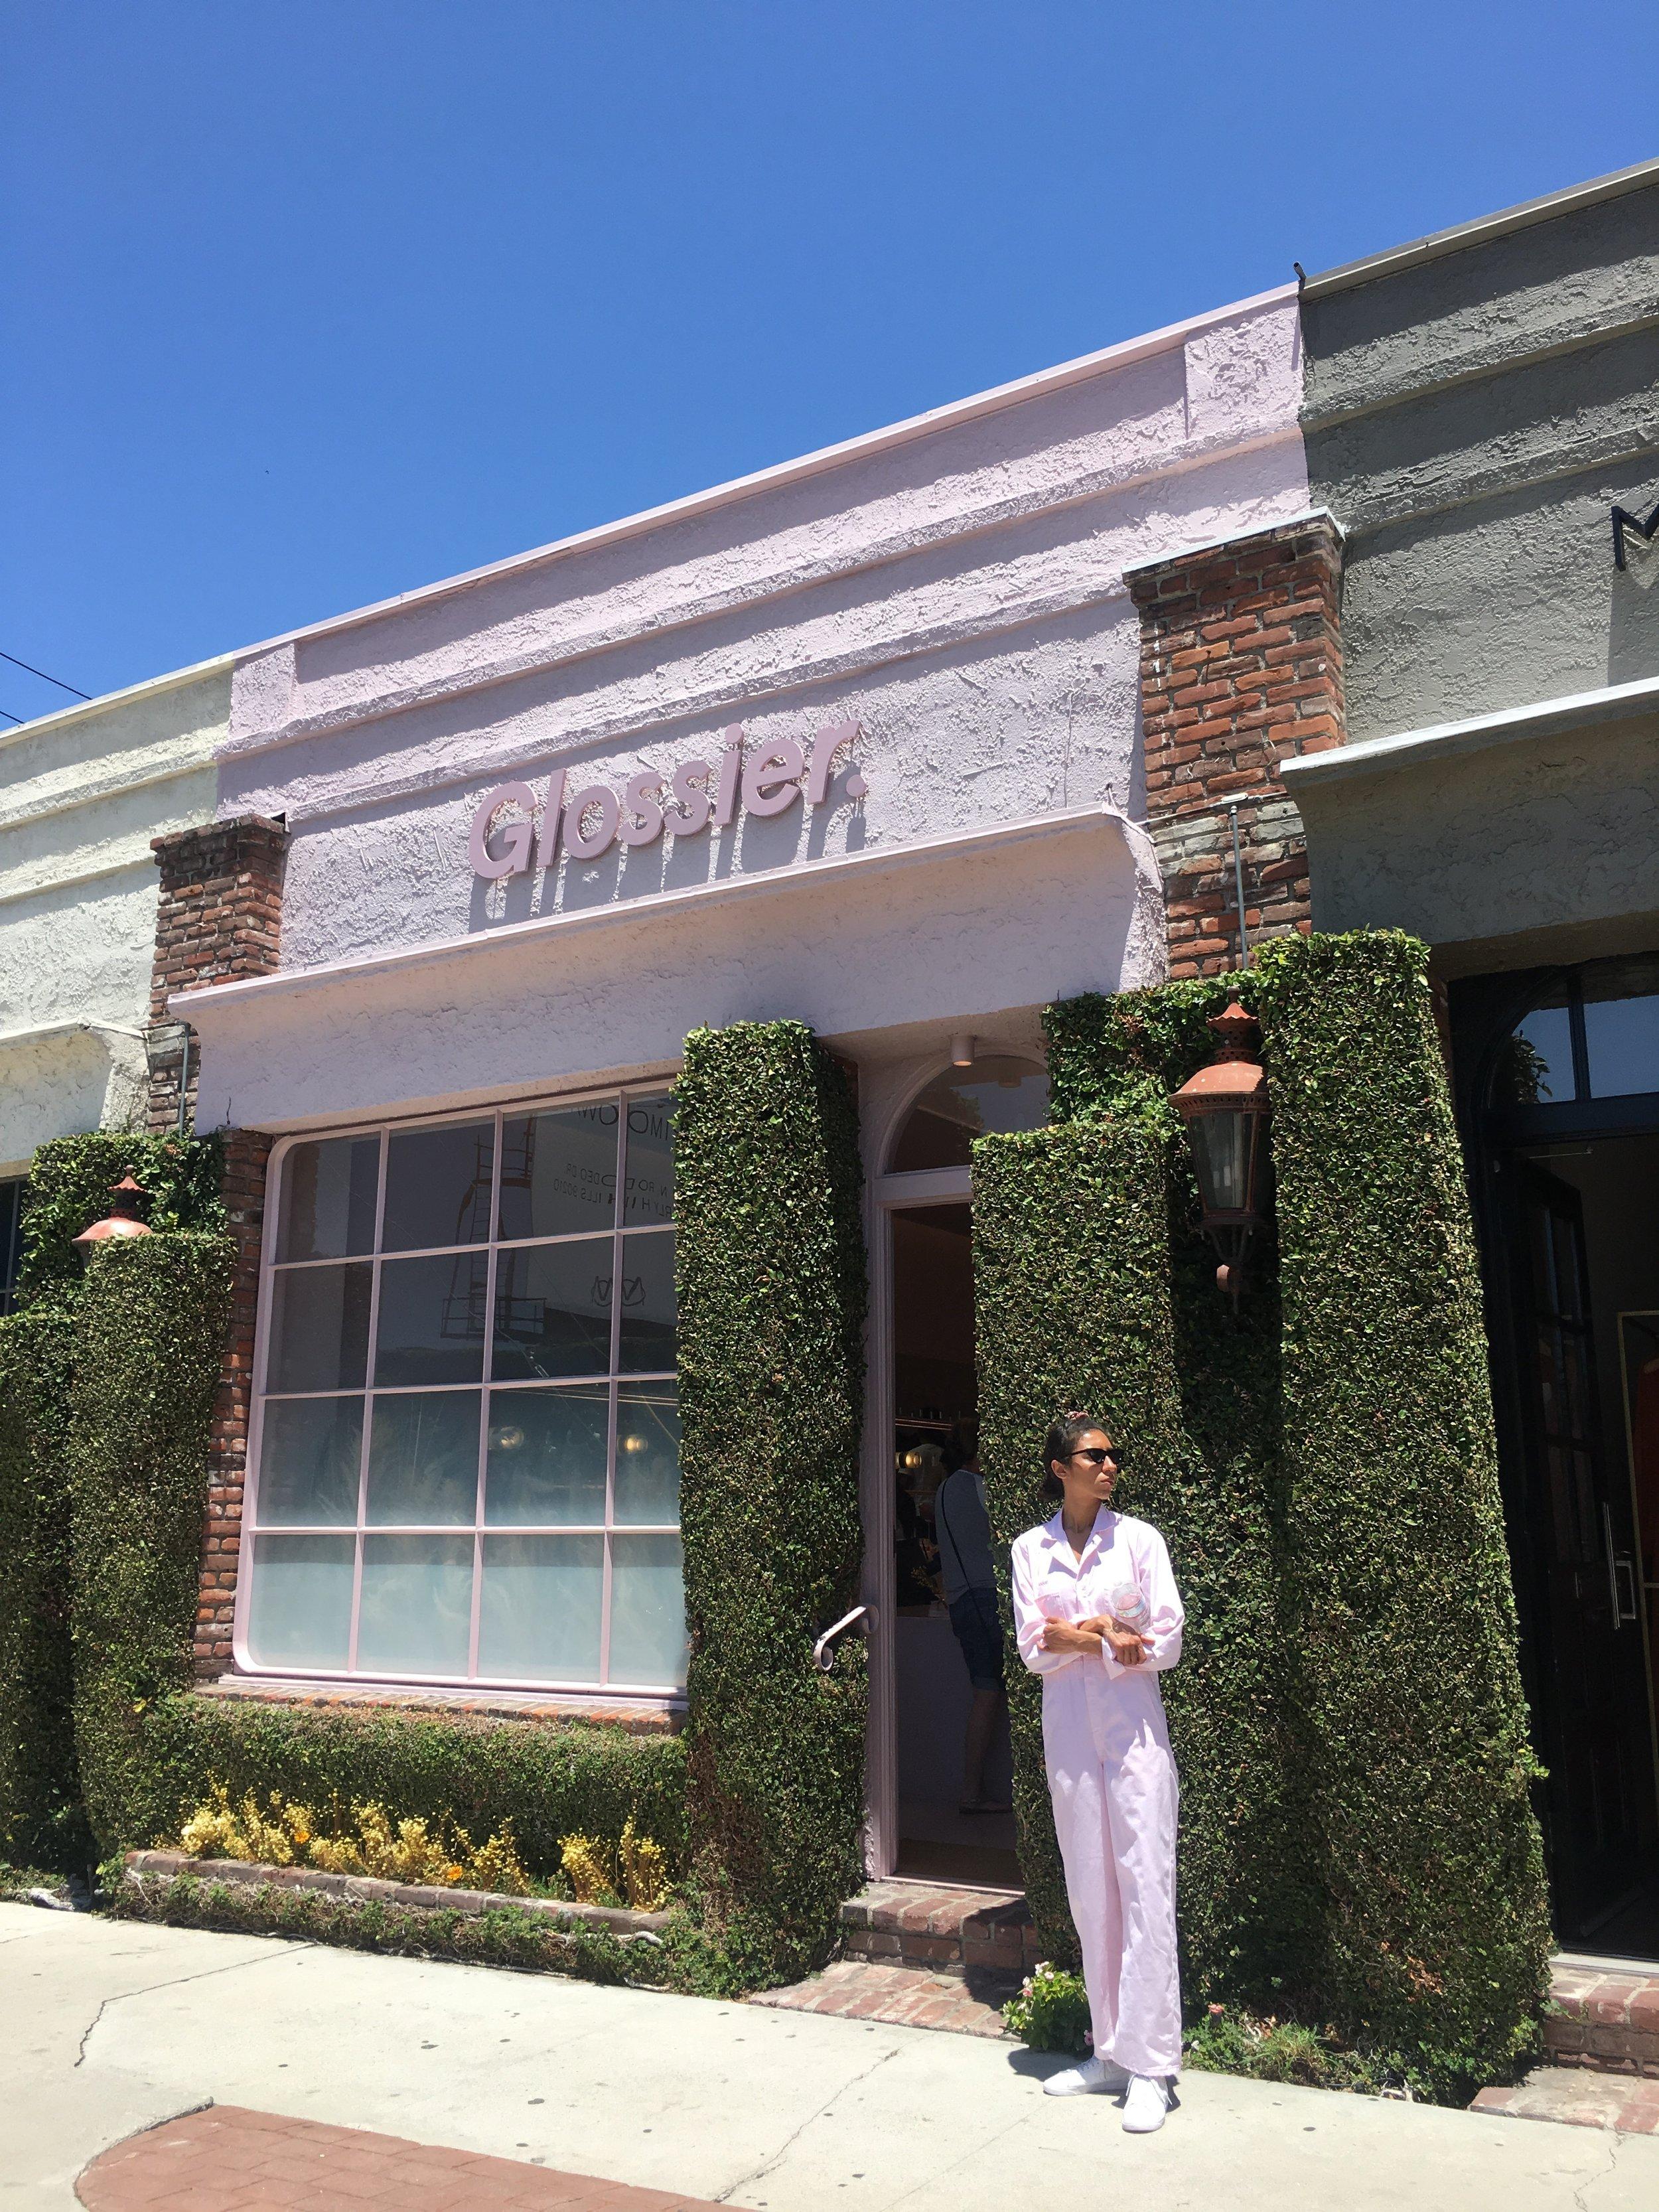 Glossier LA